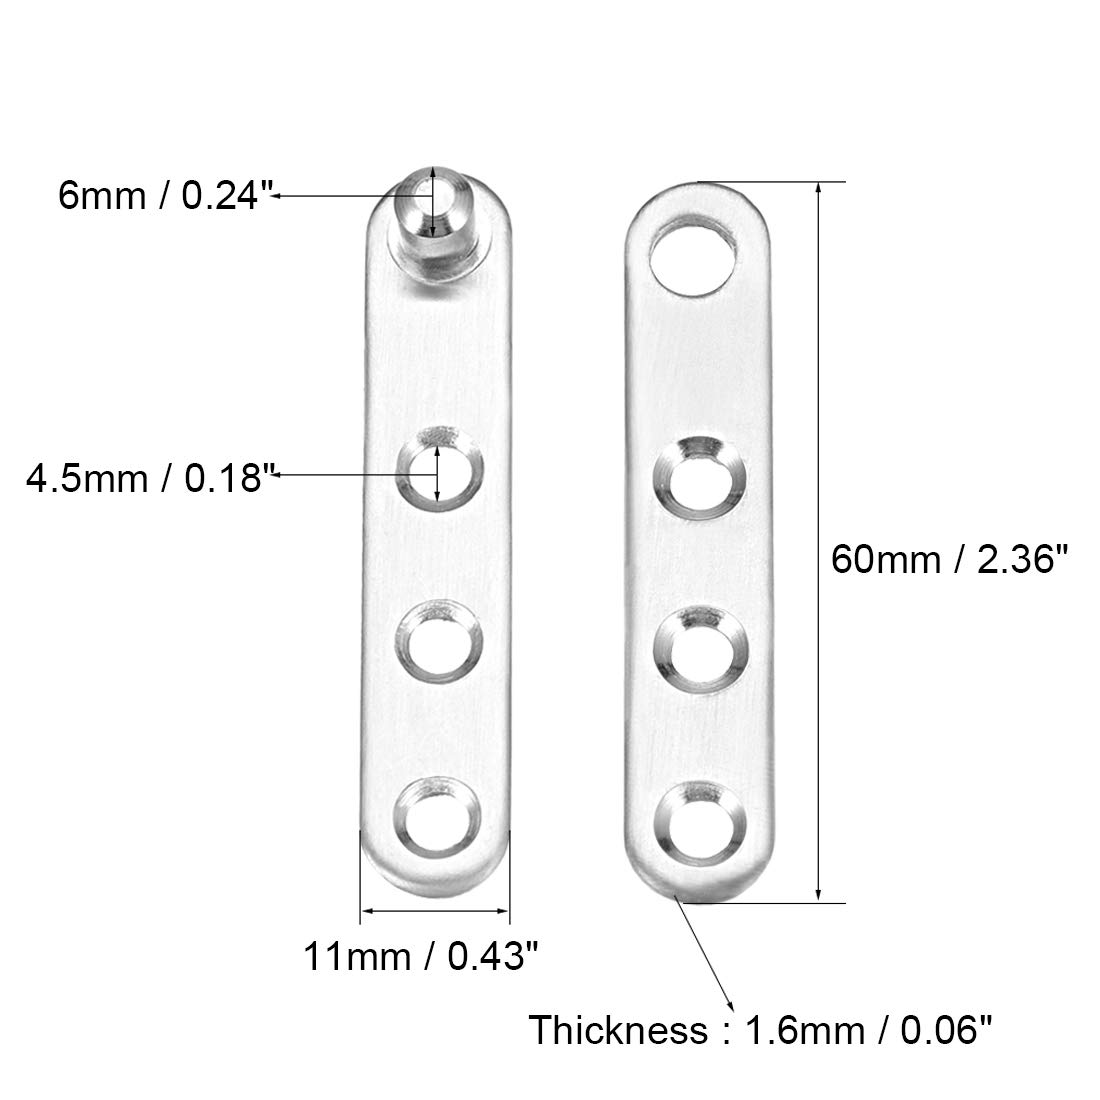 sourcing map 2 juegos de bisagra de pivote de puerta giratoria de acero inoxidable de 360 grados 60 mm x 11 mm